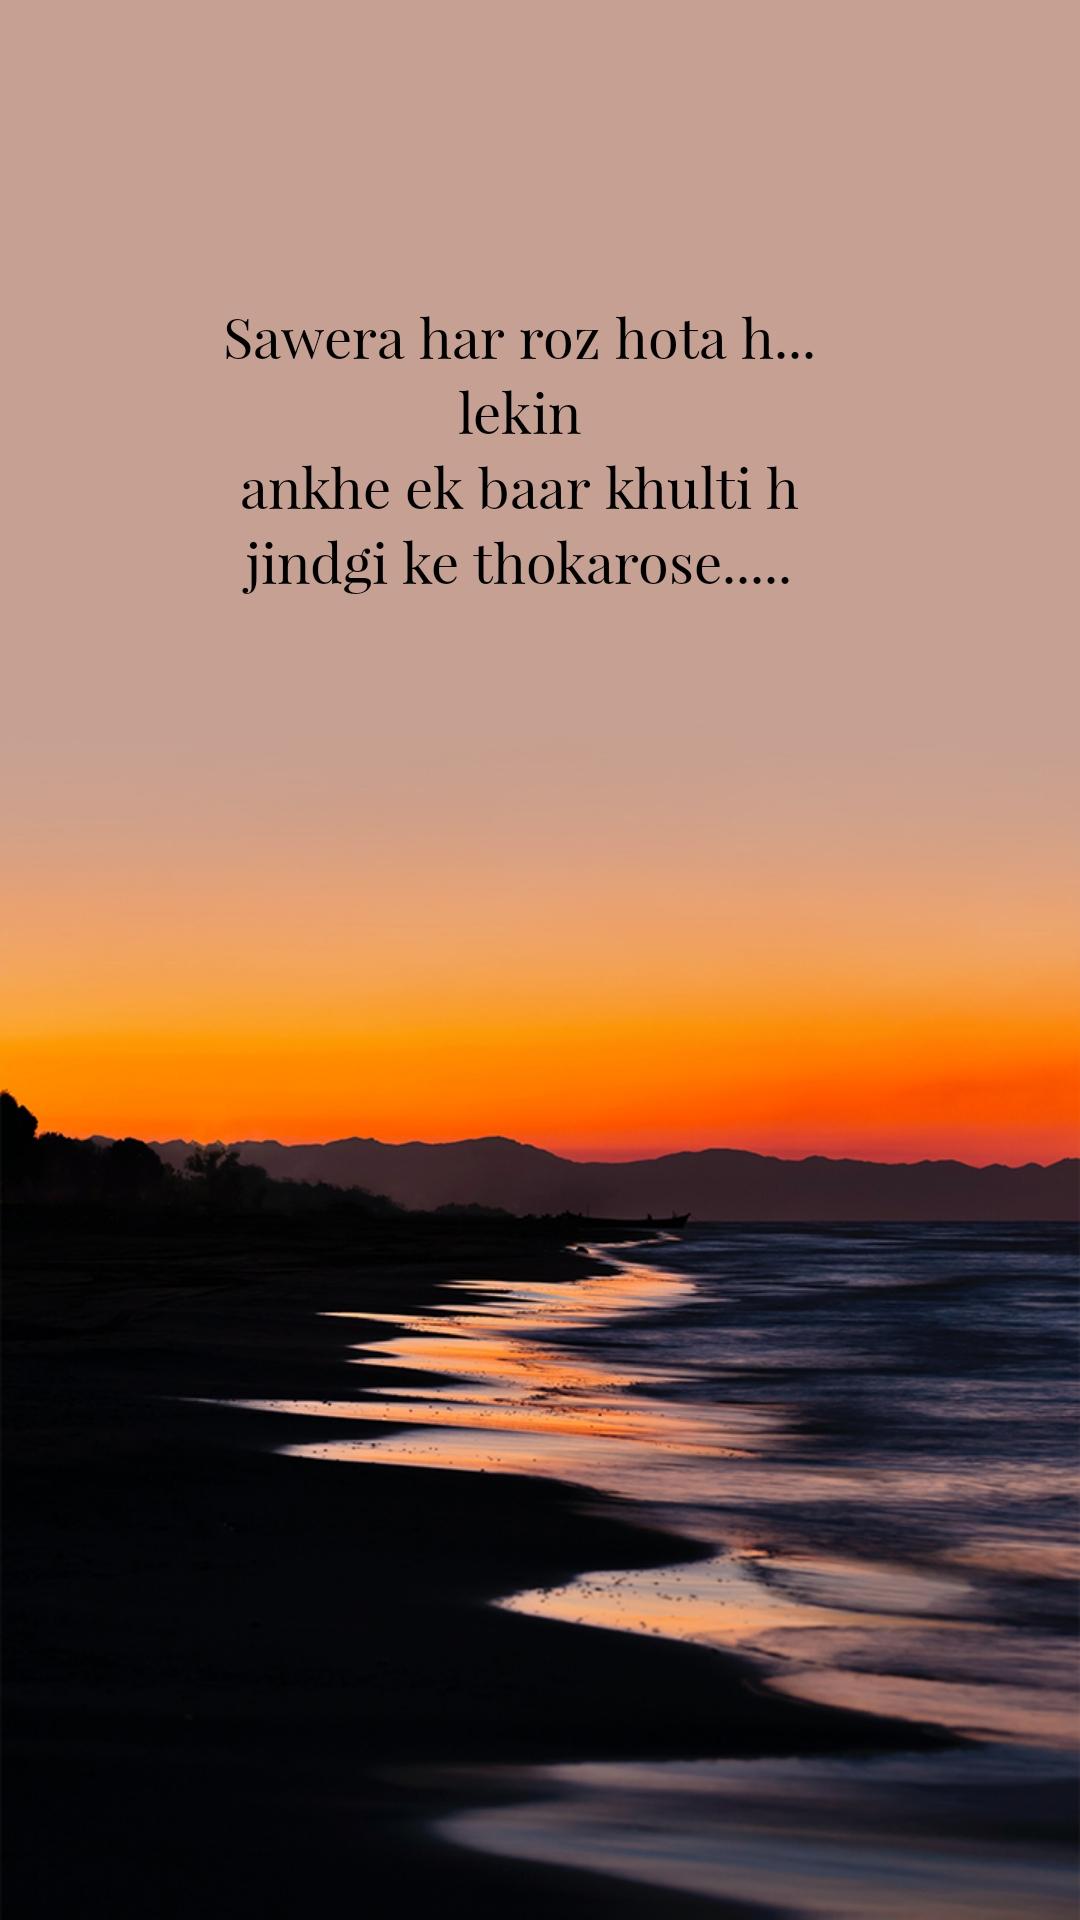 Sawera har roz hota h... lekin ankhe ek baar khulti h jindgi ke thokarose.....